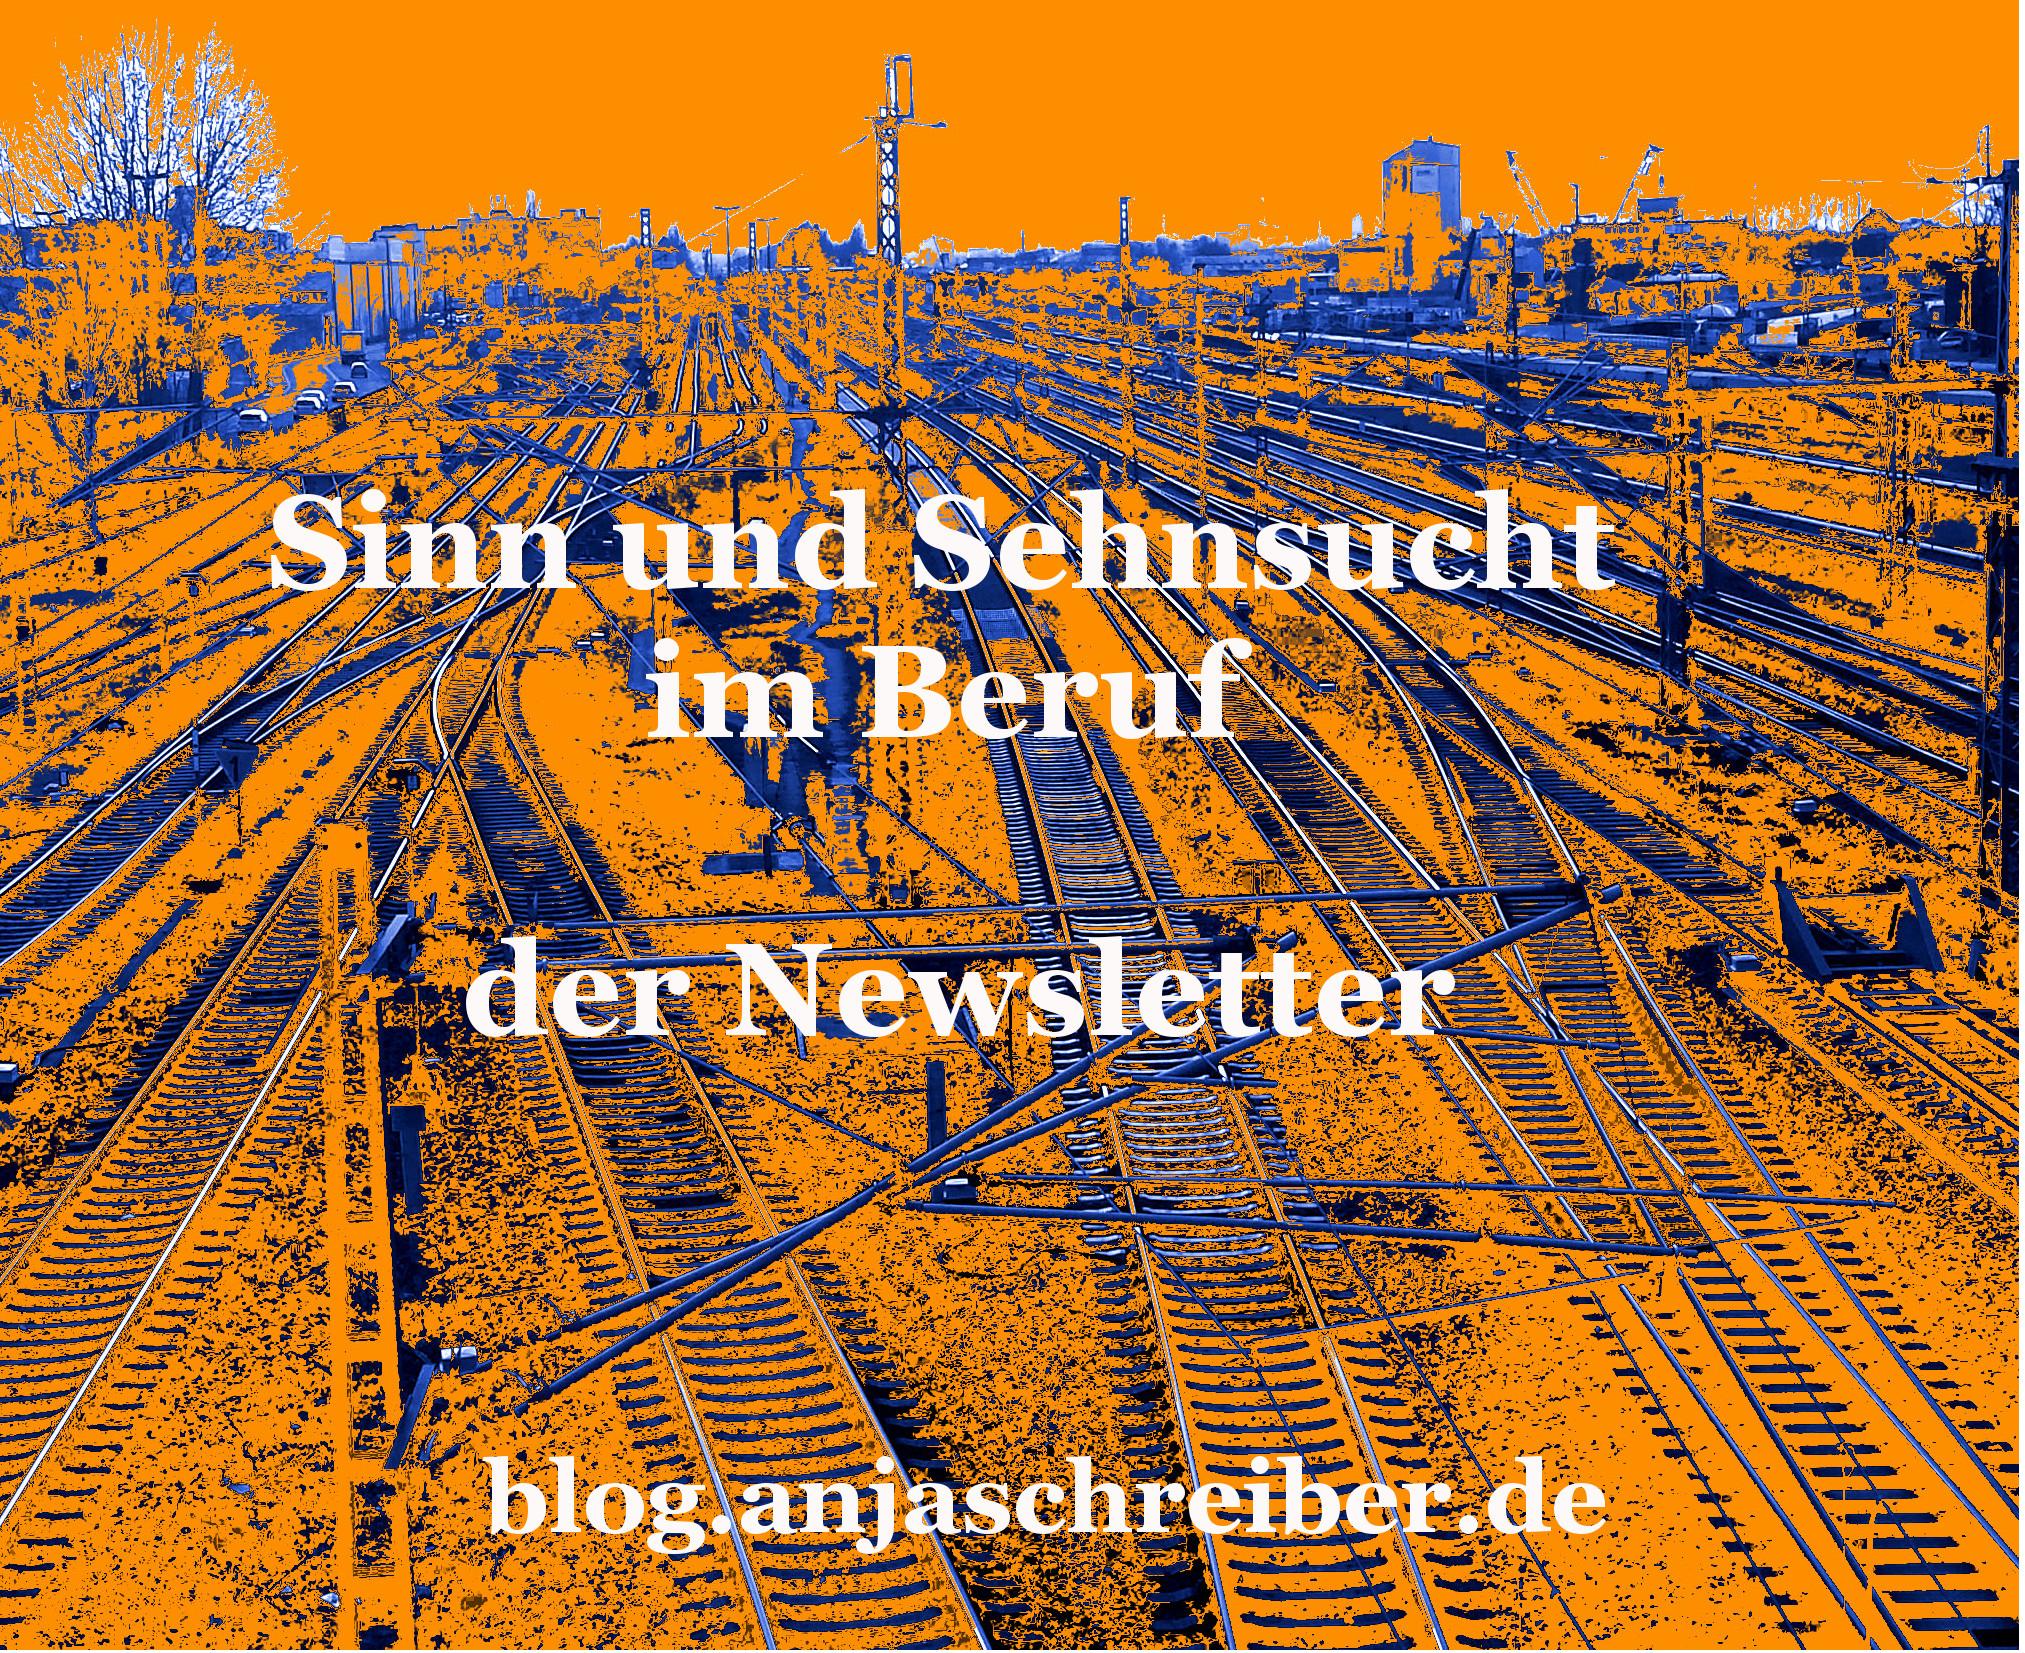 Der Newsletter zu Sinn und Sehnsucht im Beruf